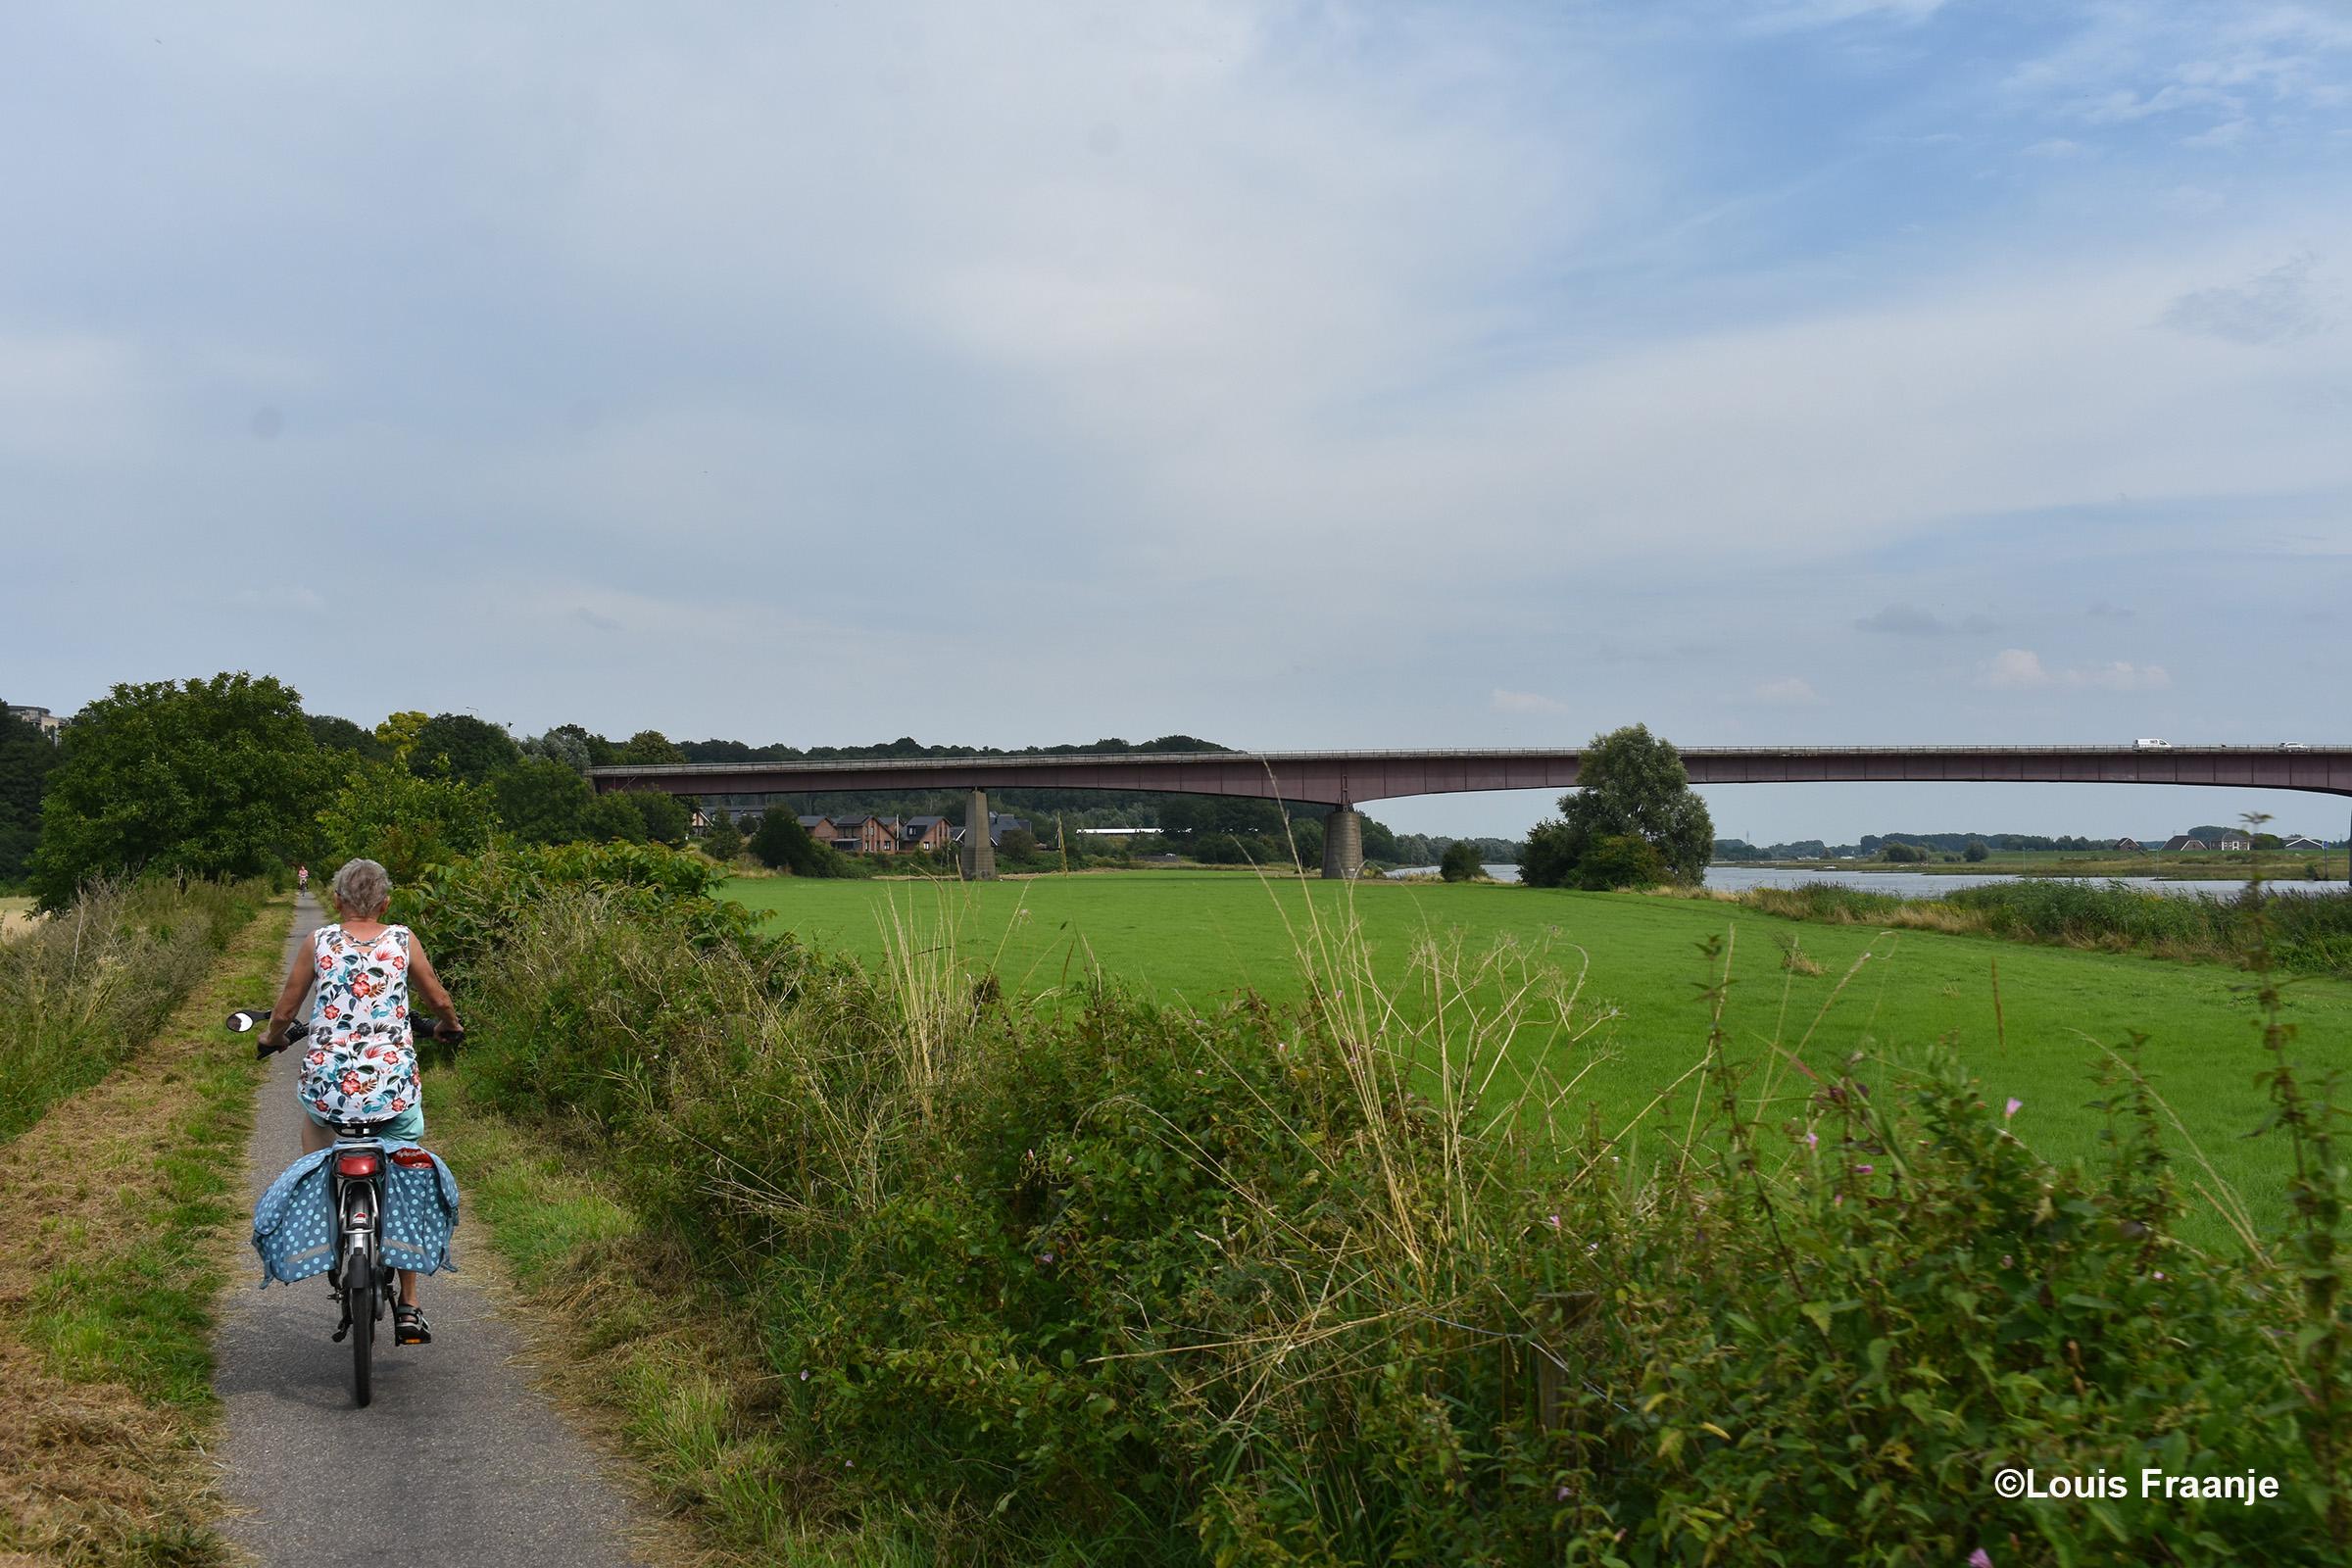 En dan via Elst en Rhenen onderlangs de rivier de Nederrijn, een heerlijke route - Foto: ©Louis Fraanje